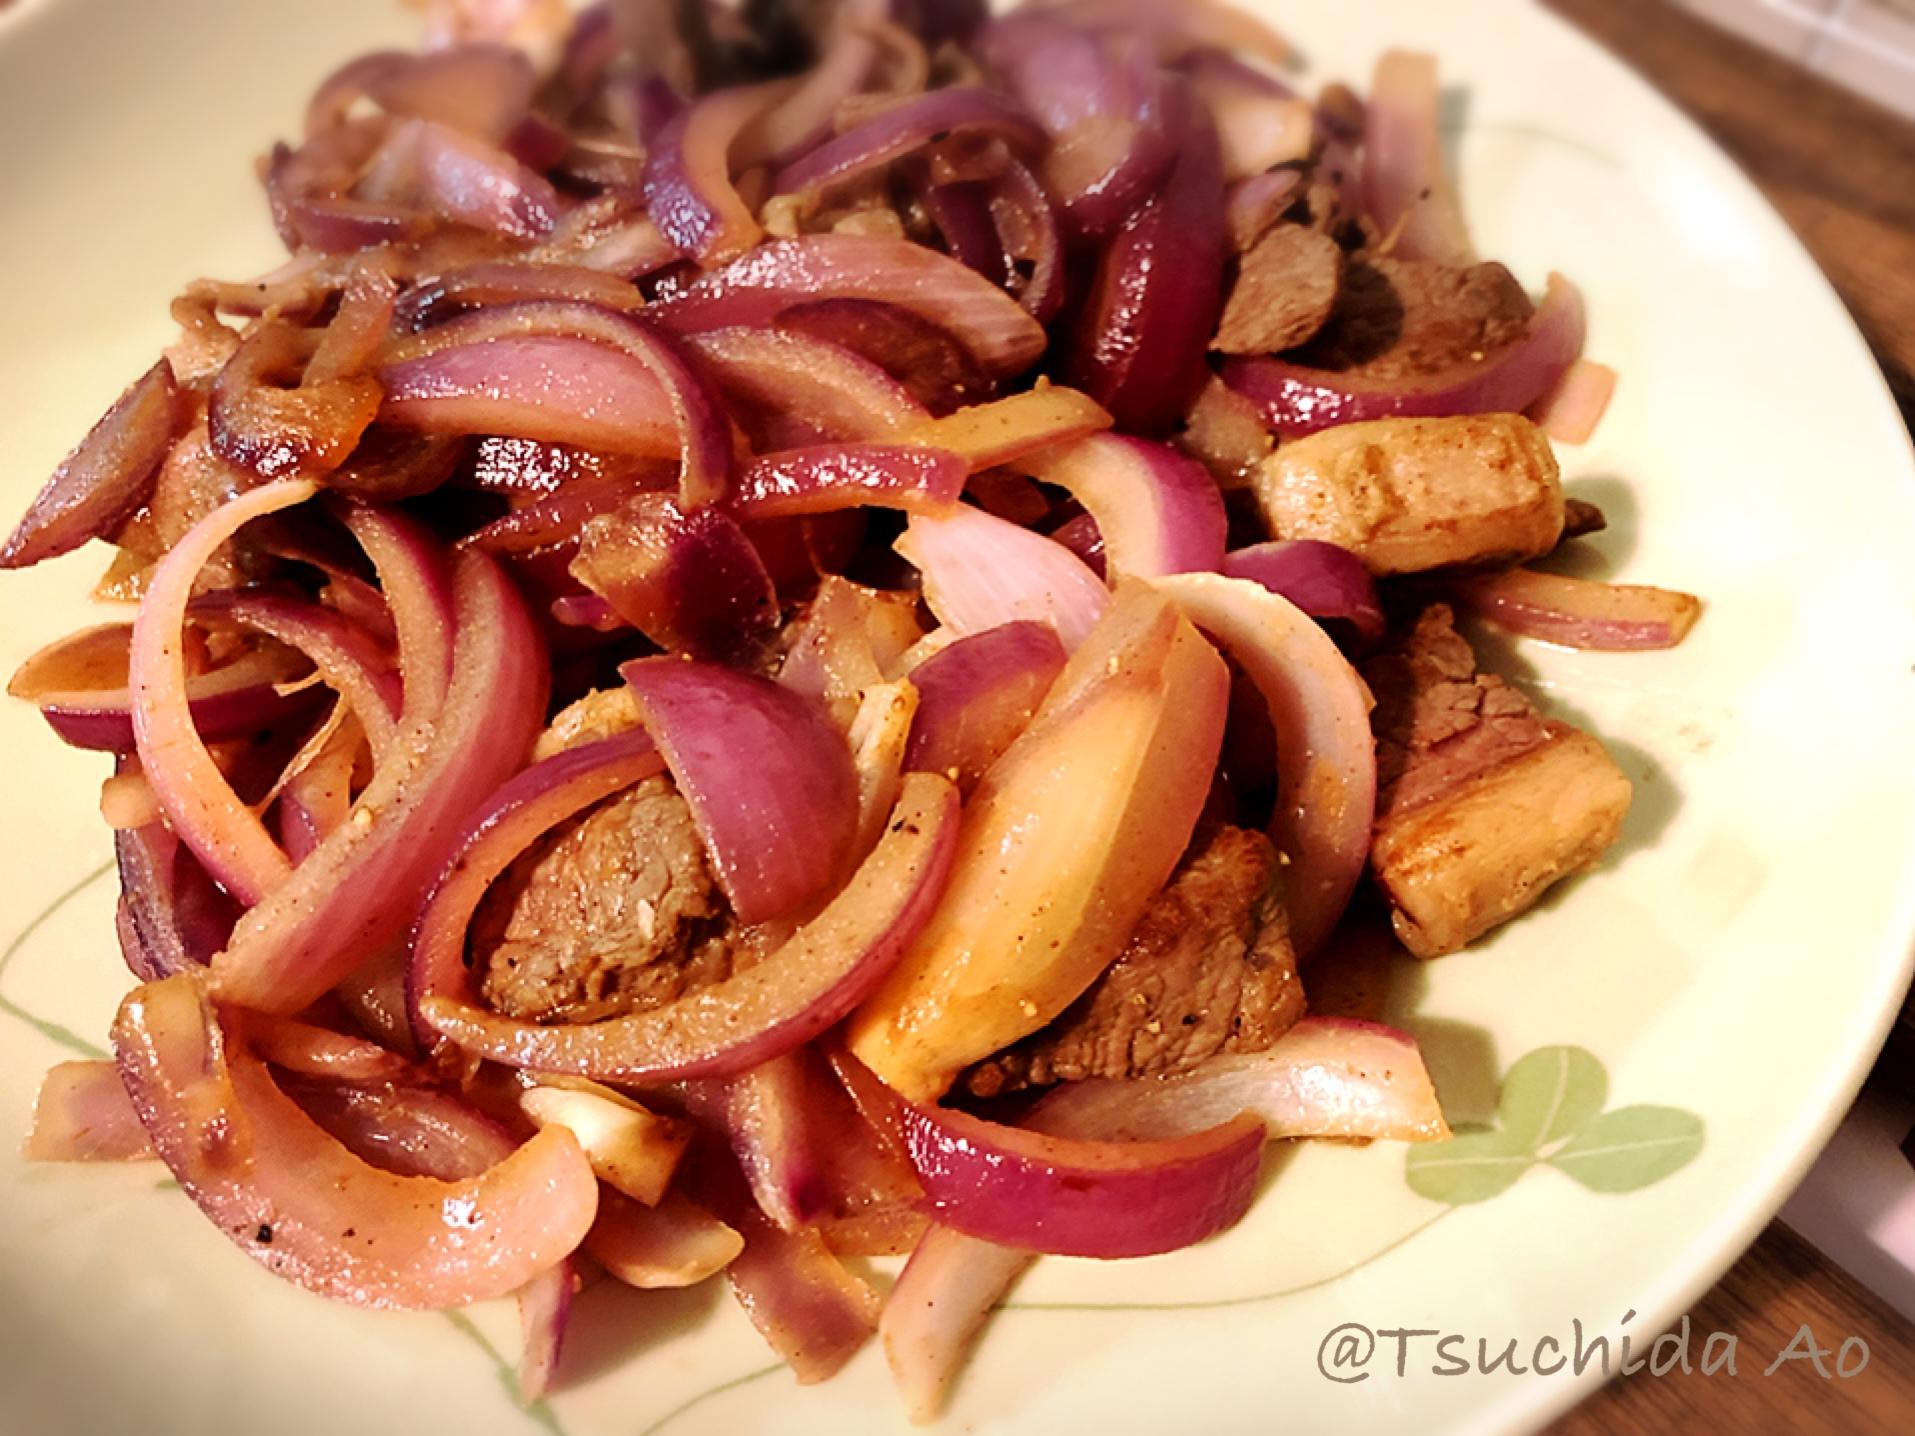 アイラップで簡単味付け!寒くなってきたら、身体を温めるラム肉を食べよう!